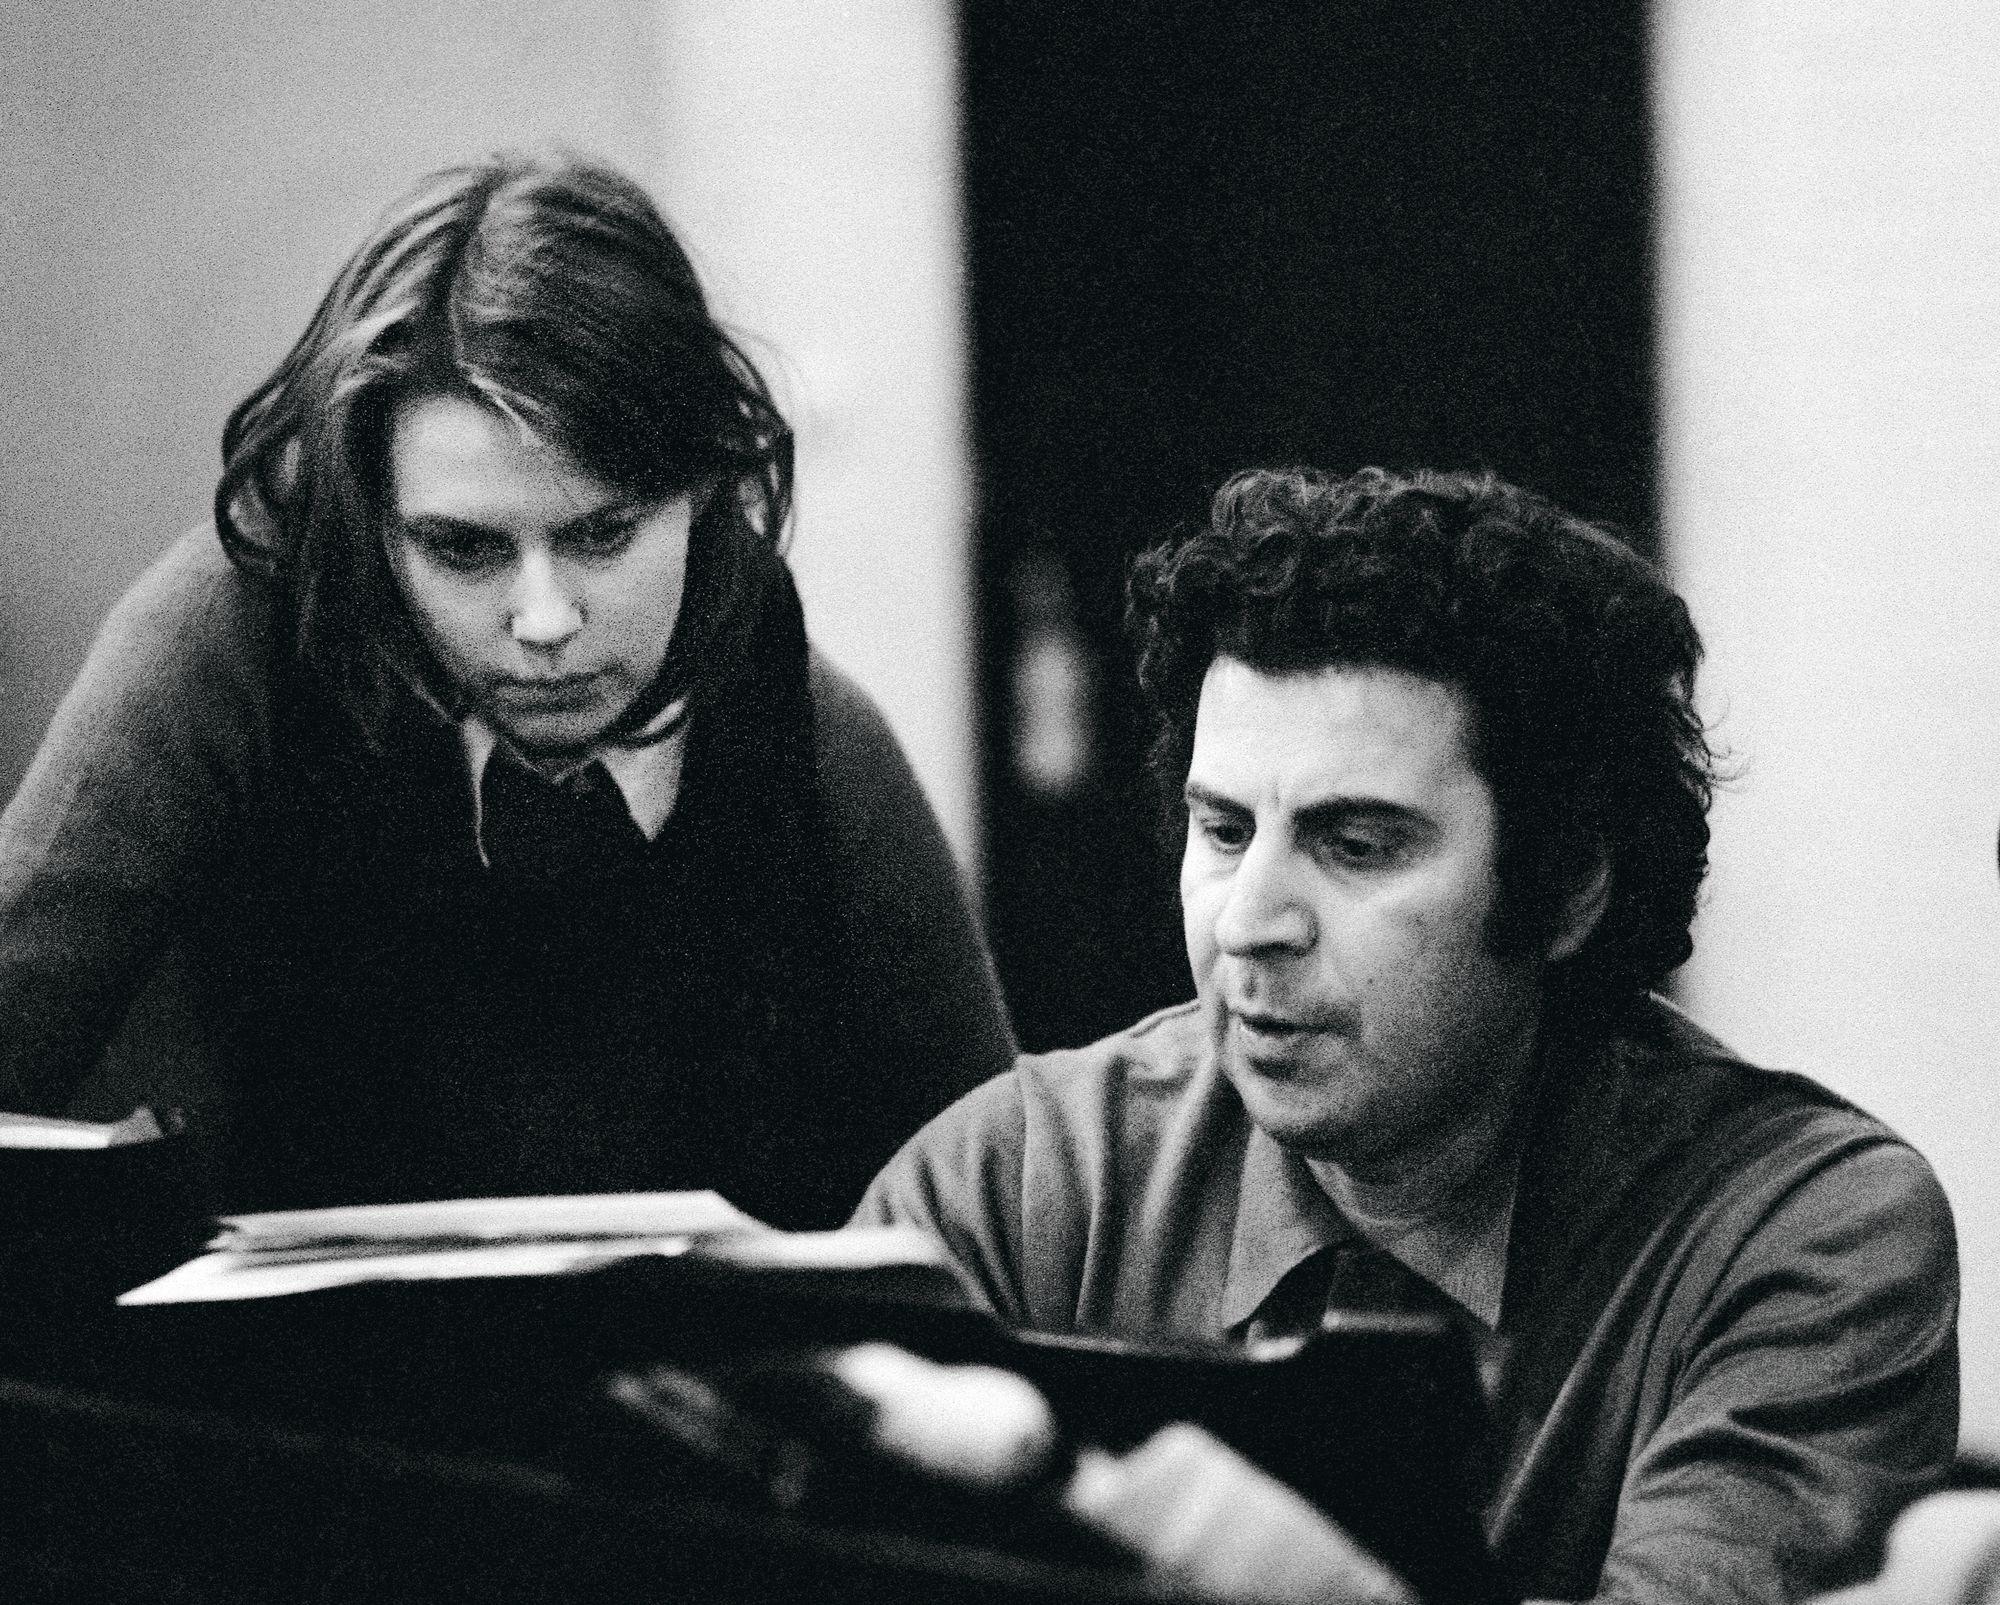 Kreikkalainen säveltäjä-kapellimestari Mikis Theodorakis muutti nuoren Arja Saijonmaan elämän. Kuvassa he harjoittelevat konserttia varten vuonna 1972. © Lehtikuva